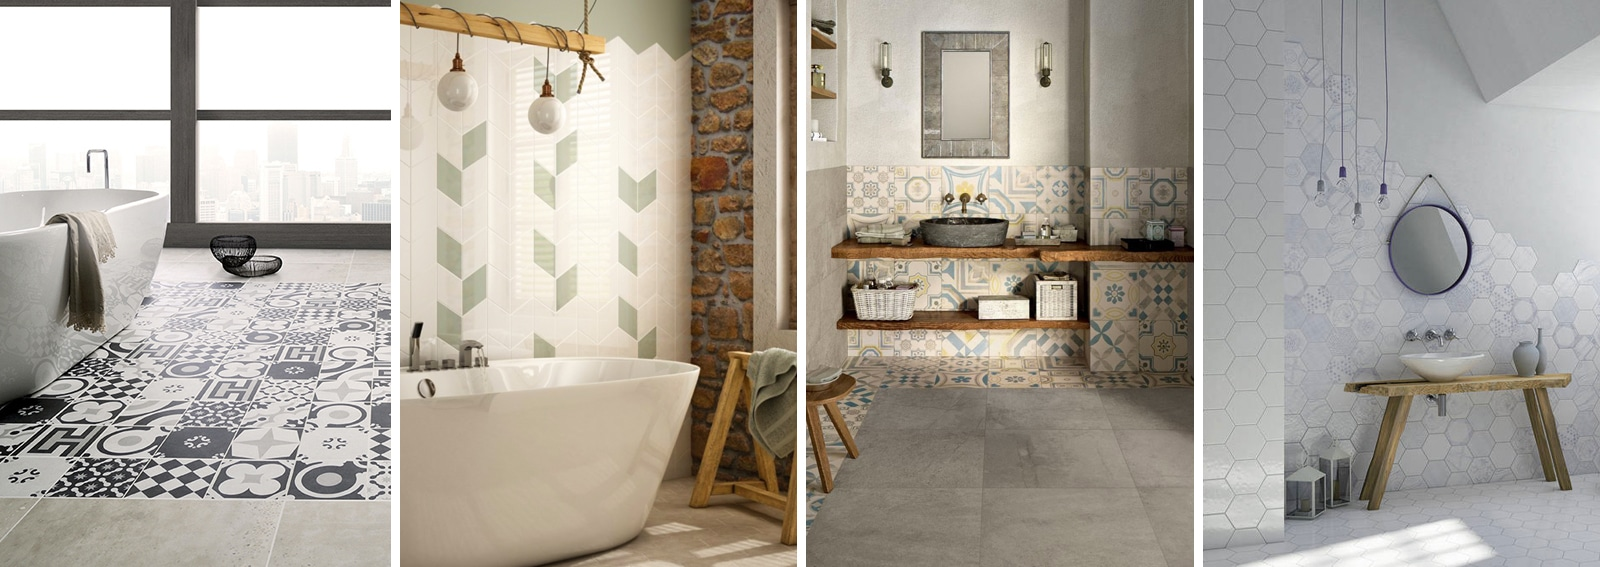 Piastrelle per il bagno come sceglierle e utilizzarle - Pannelli per coprire piastrelle bagno ...